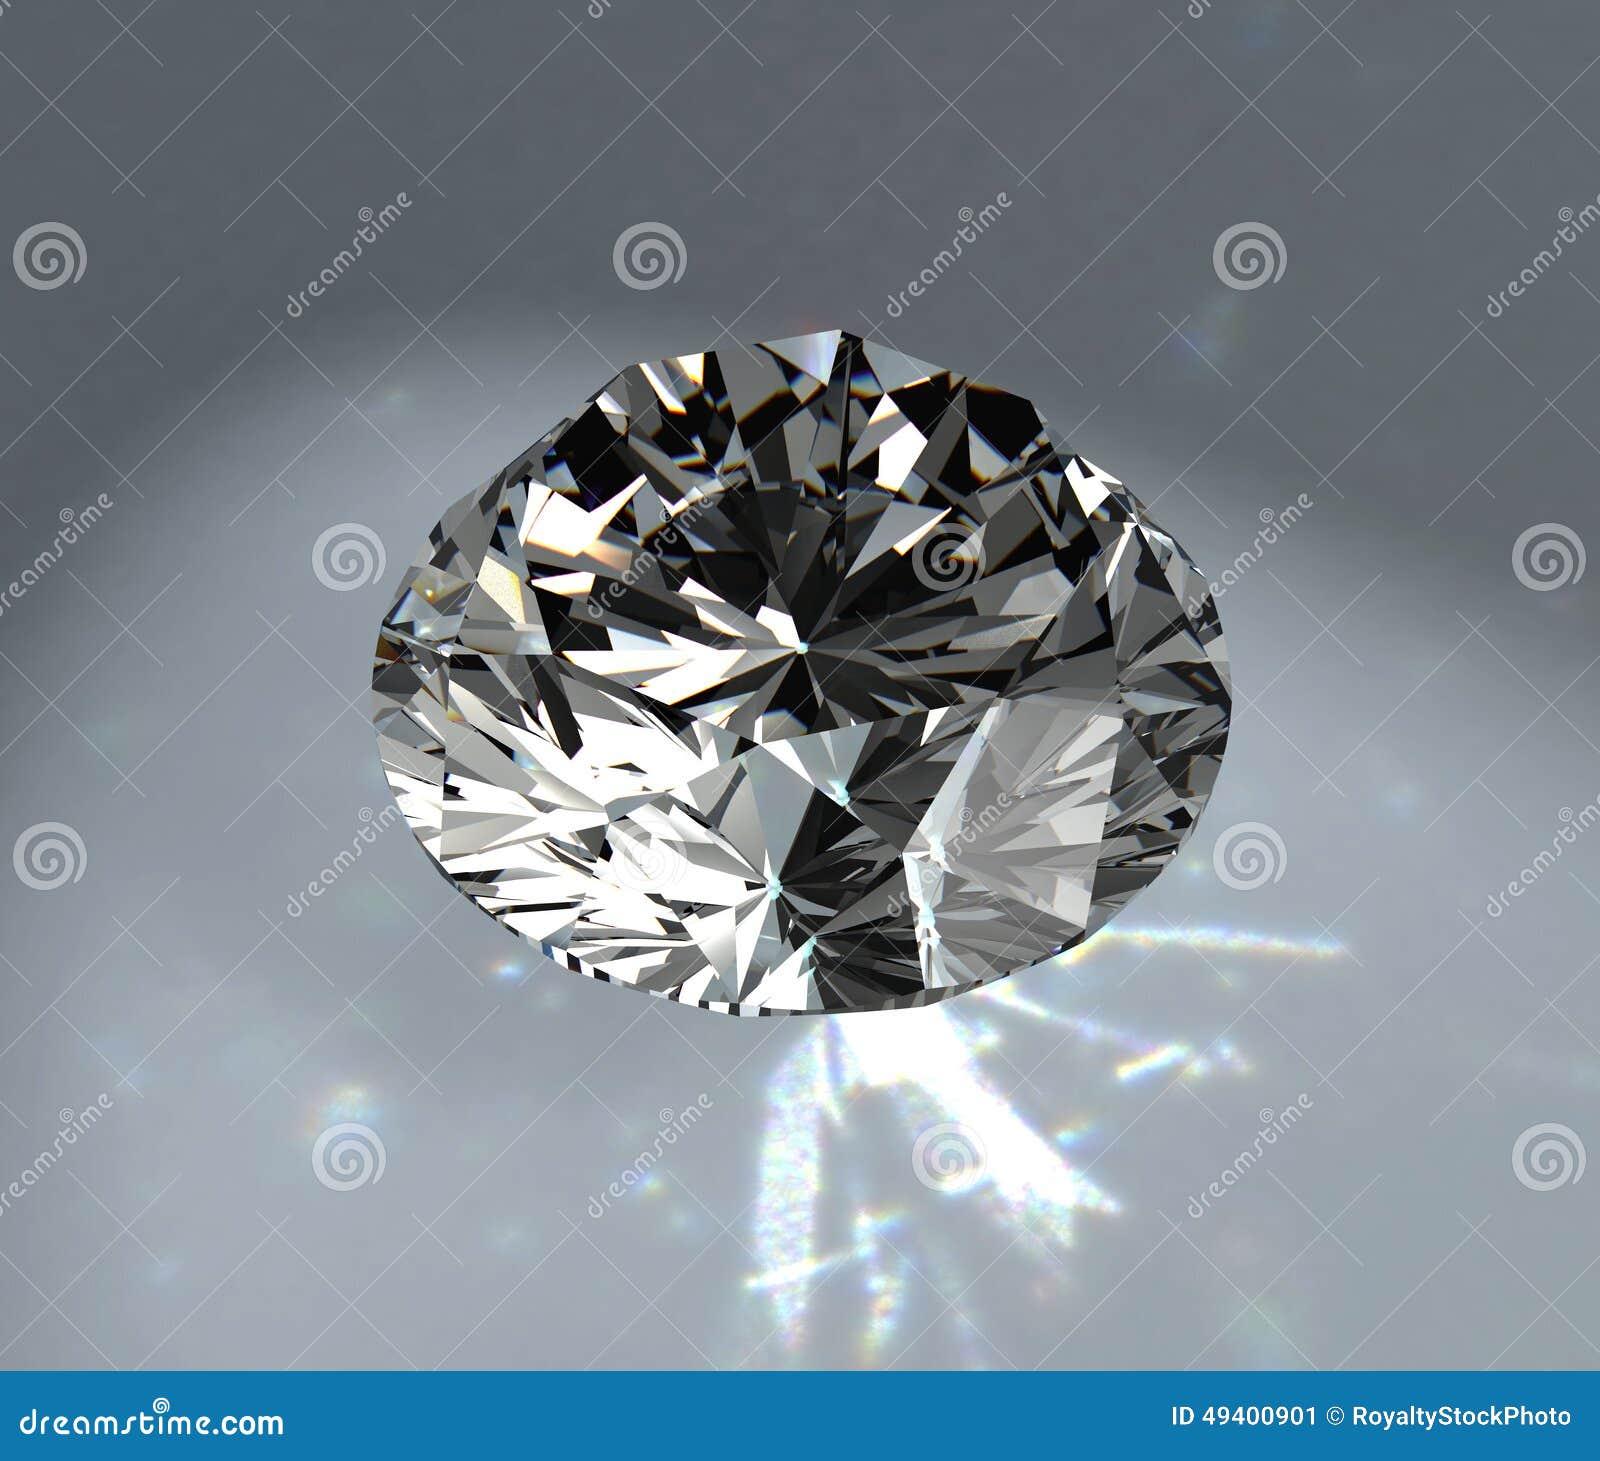 Download Diamant stock abbildung. Illustration von farbe, qualität - 49400901